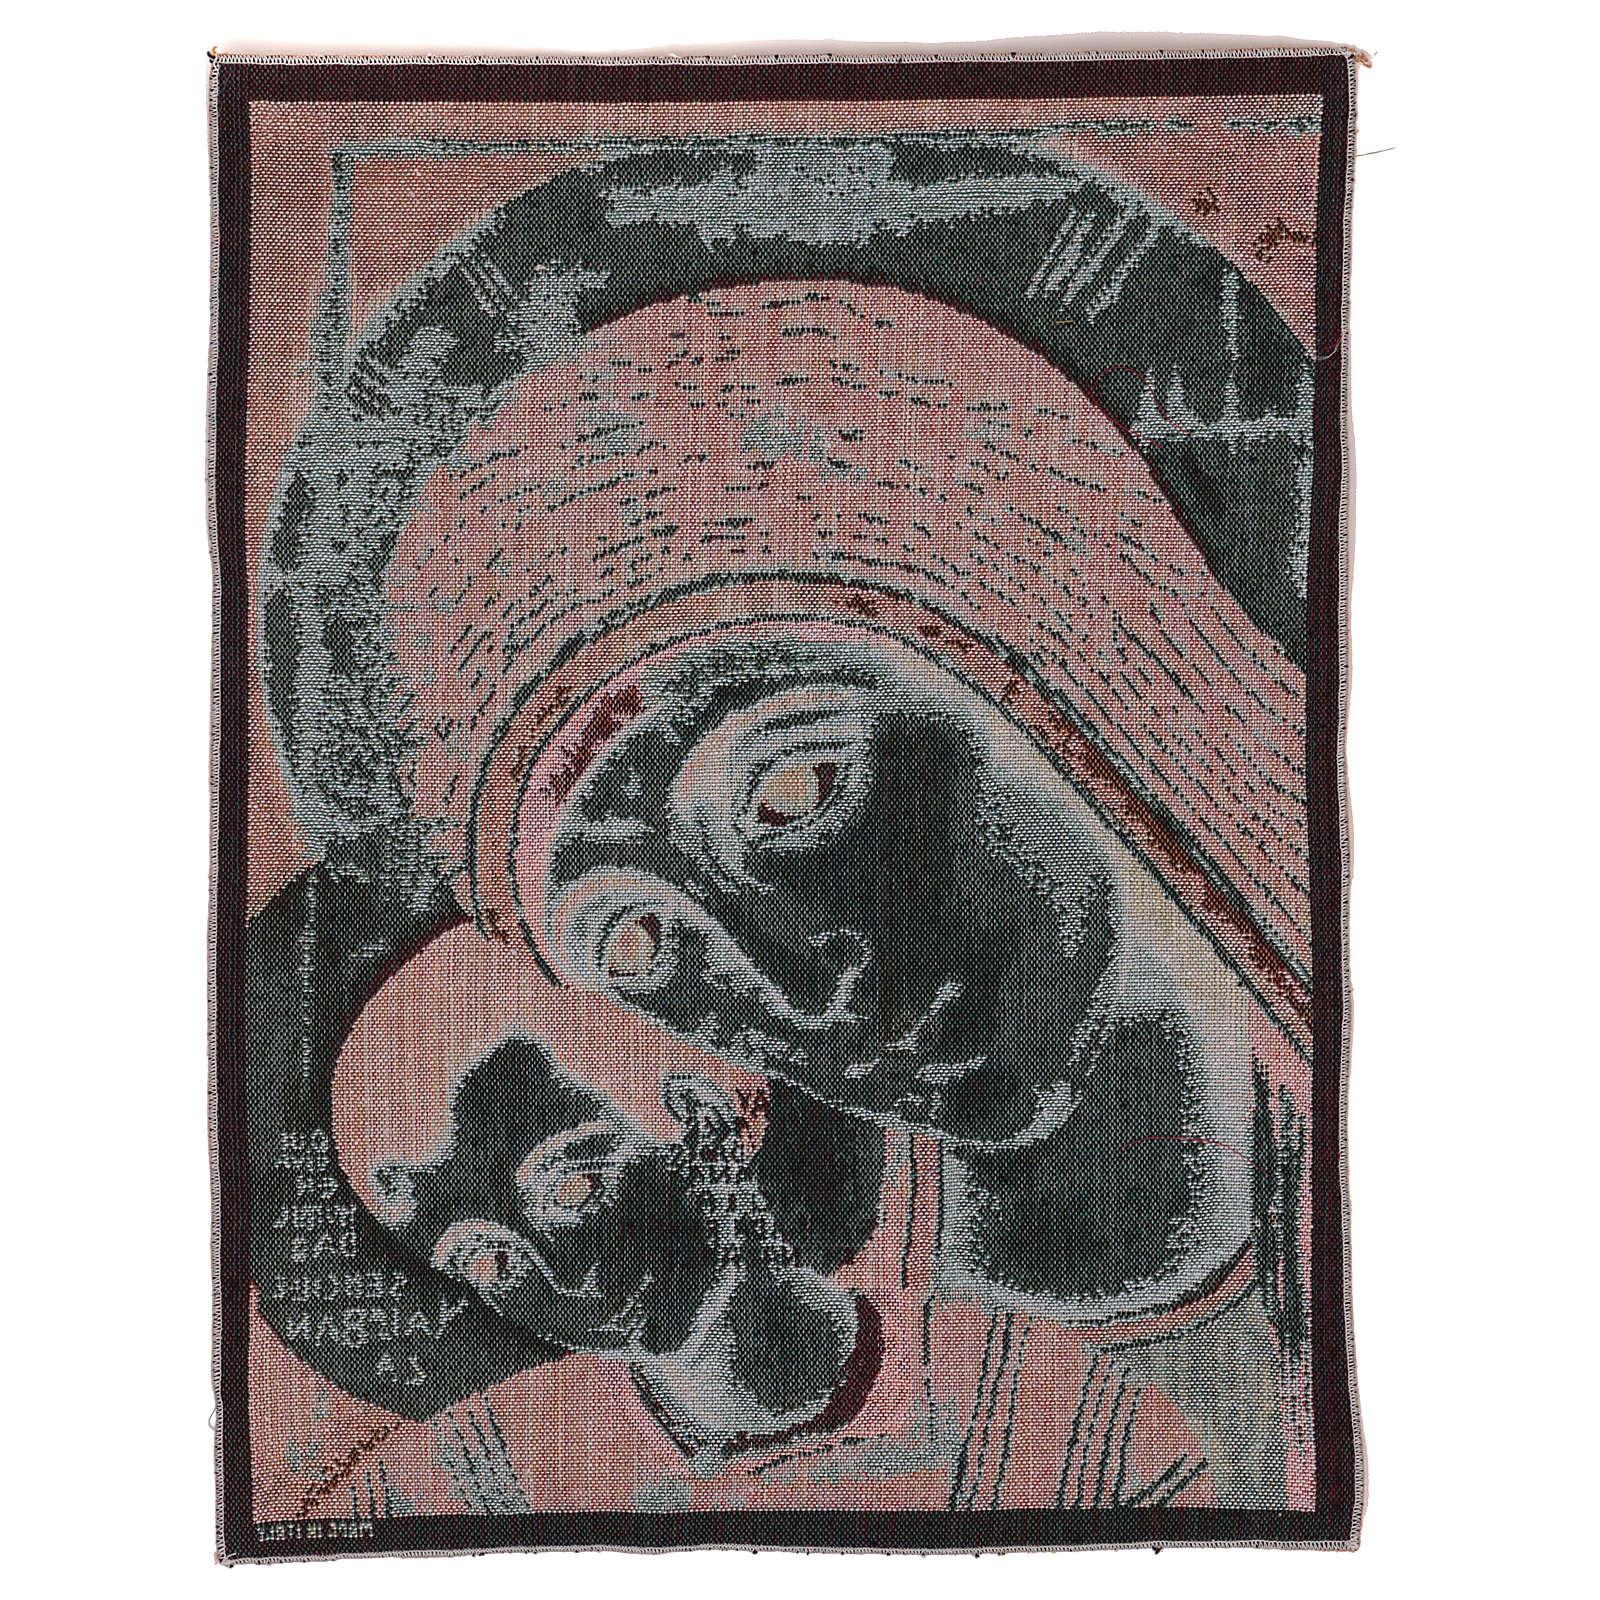 Gobelin Madonna Kiko 50x40 cm 3